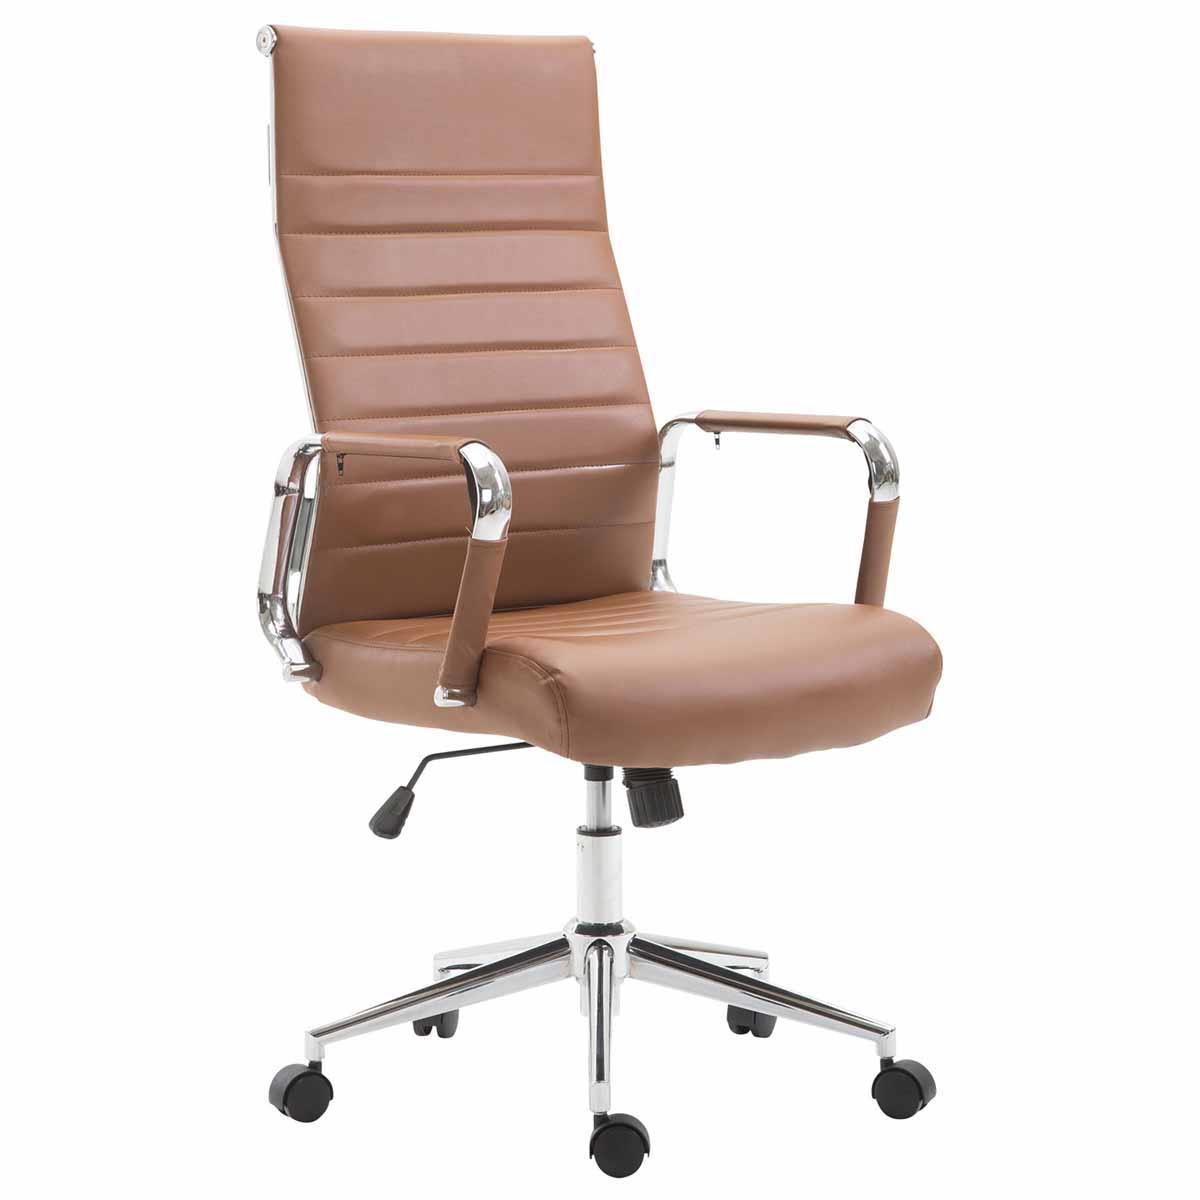 Sedia da Ufficio KOLMU, Design Accattivante, Struttura in ...